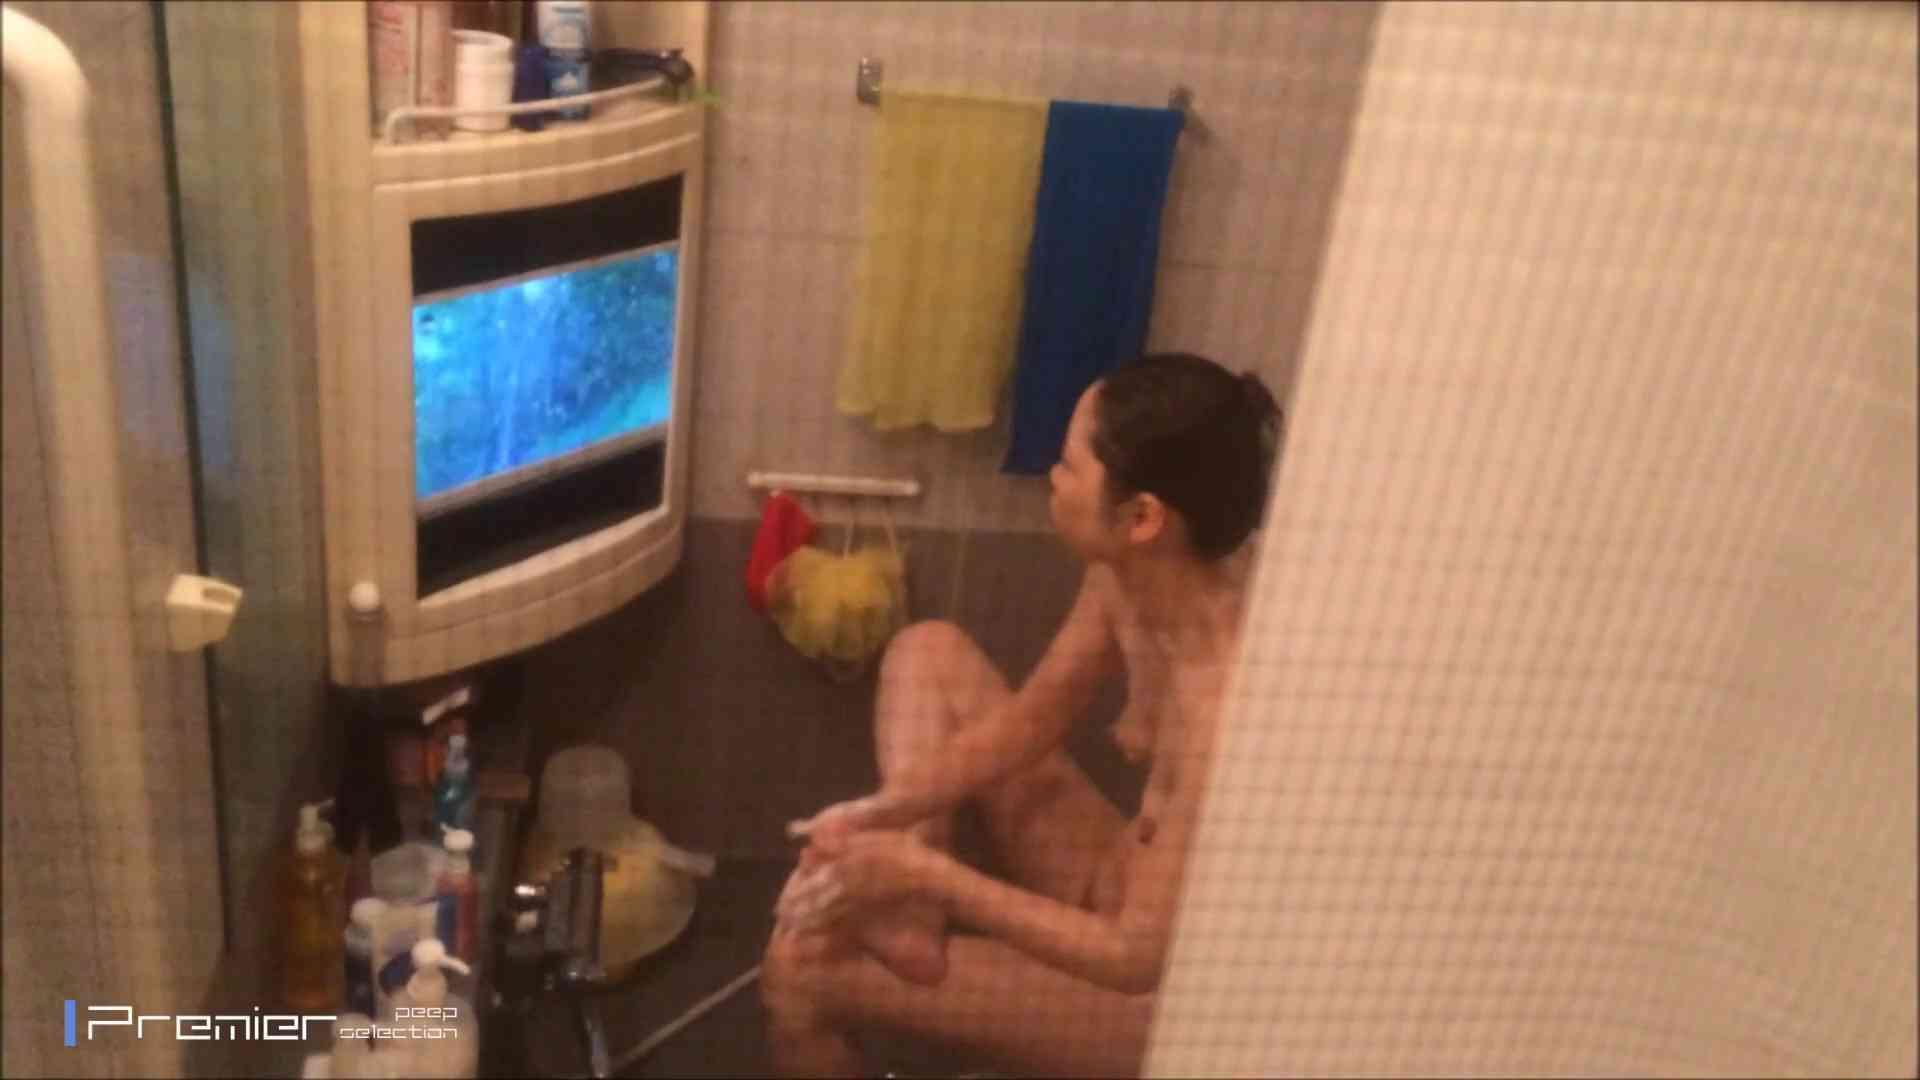 美女のテレビを見ながらの入浴 乙女の風呂場 Vol.21 投稿 アダルト動画キャプチャ 30pic 22